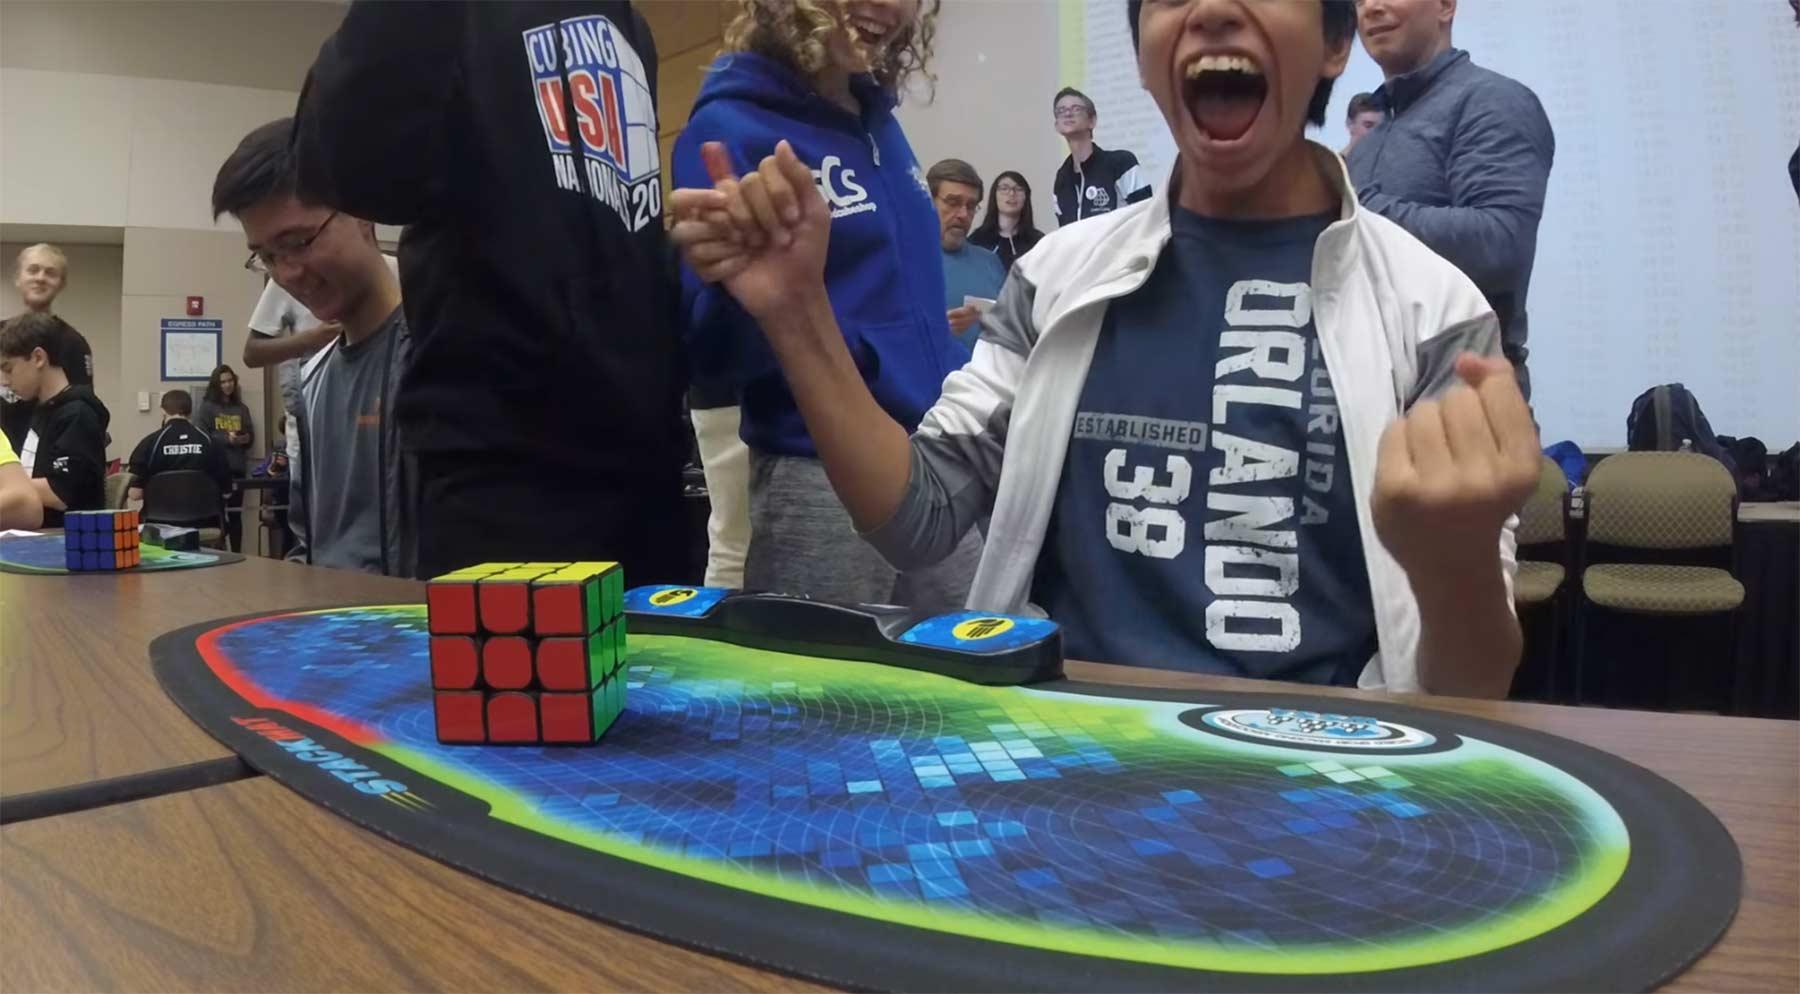 Weltrekord: Rubik's Cube in 4,69 Sekunden gelöst rubiks-cube-weltrekord